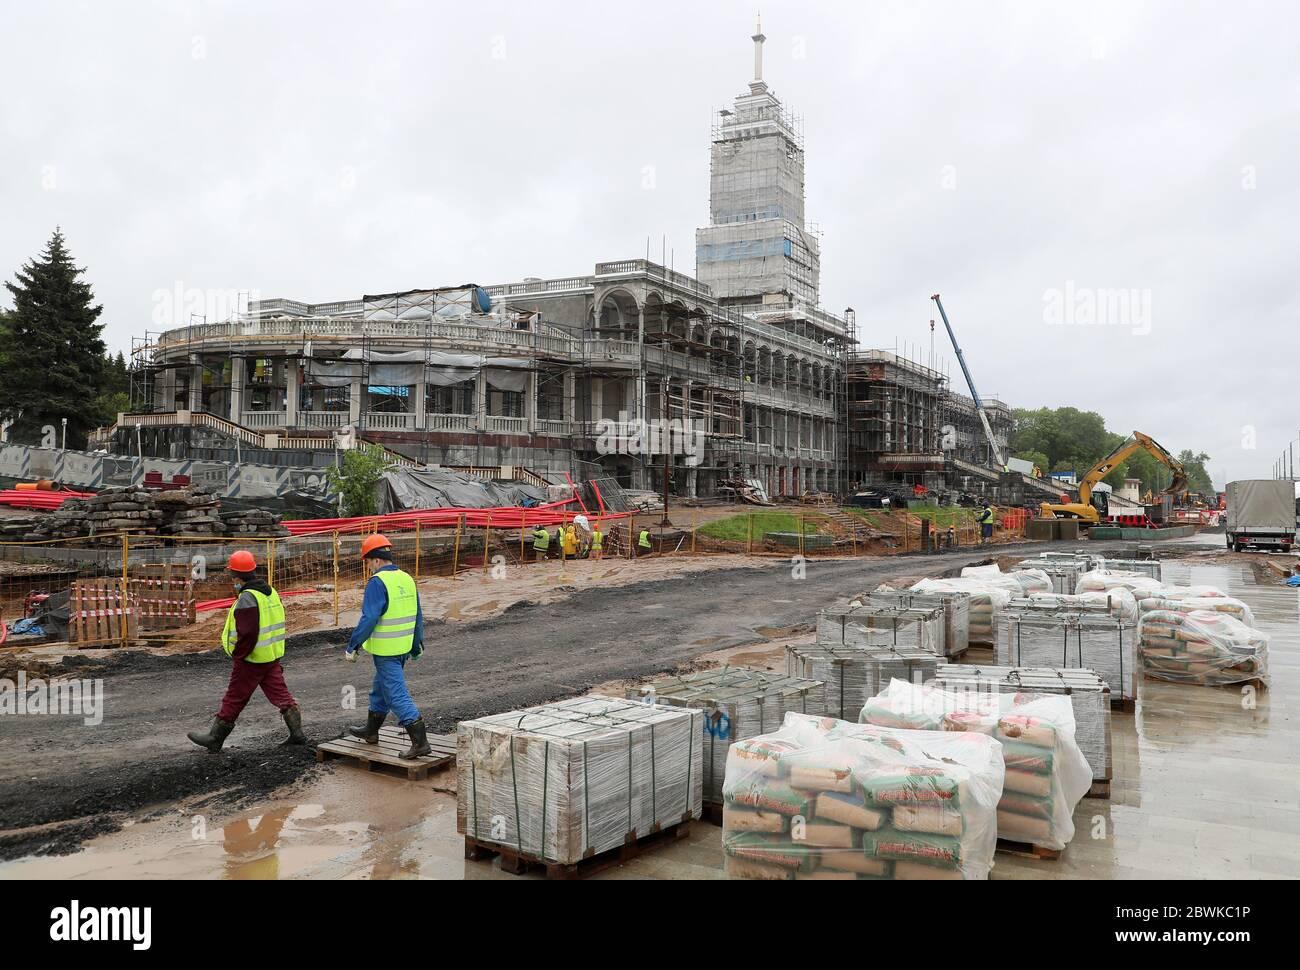 Moscou, Russie. 2 juin 2020. On voit des travailleurs au site de reconstruction du terminal de North River. Crédit: Gavriil Grigorov/TASS/Alay Live News Banque D'Images